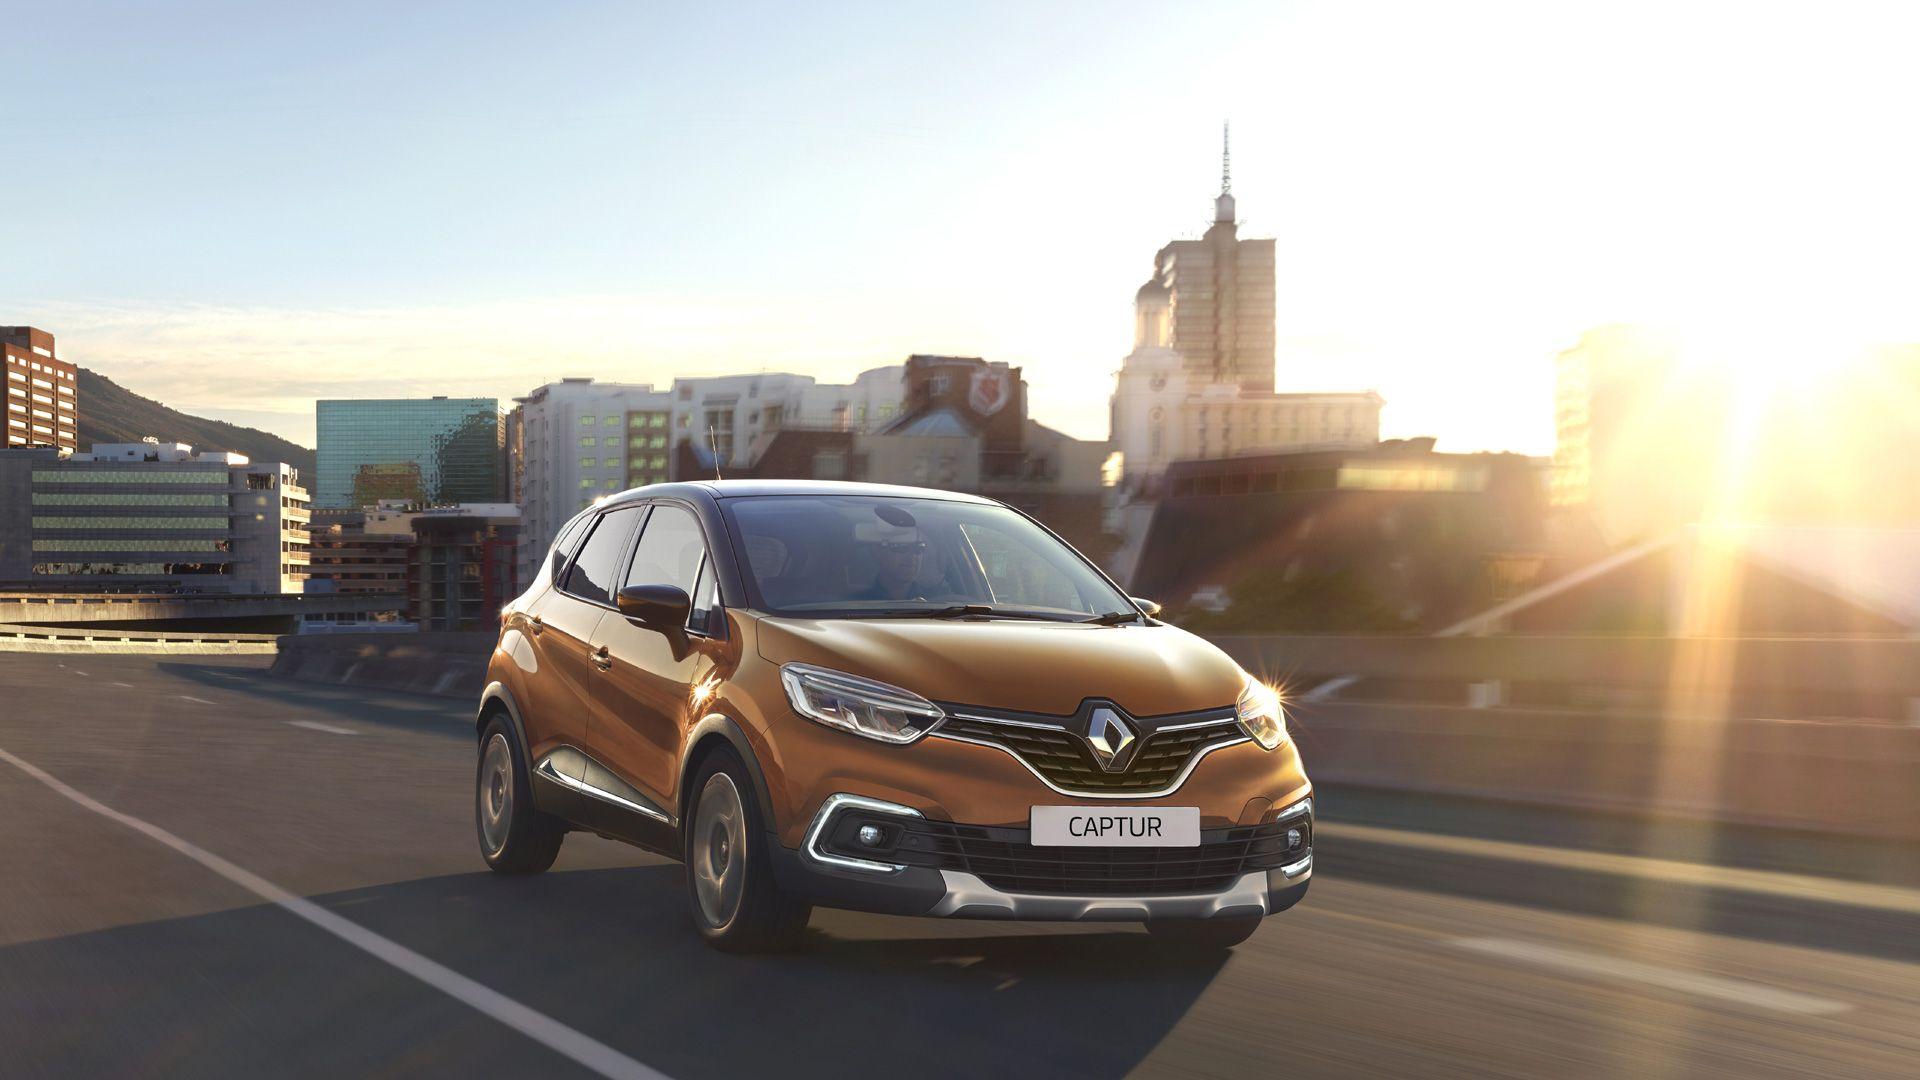 Neuer Renault Captur Crossover Renault Schweiz Car Pictures